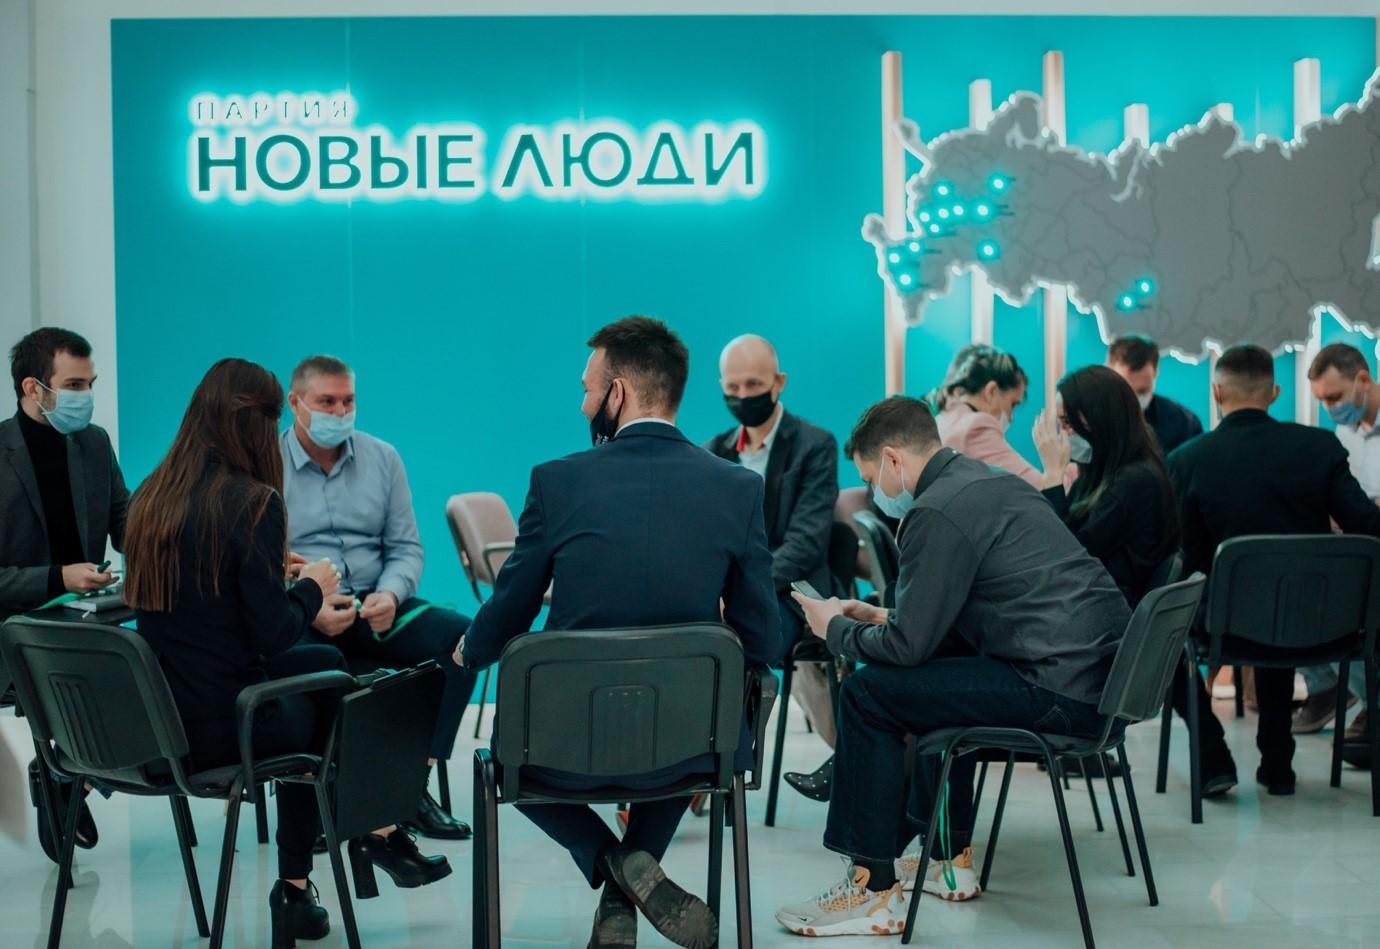 """Партия """"Новые люди"""" предложили призывникам оплатить свой отказ от службы в армии РФ"""